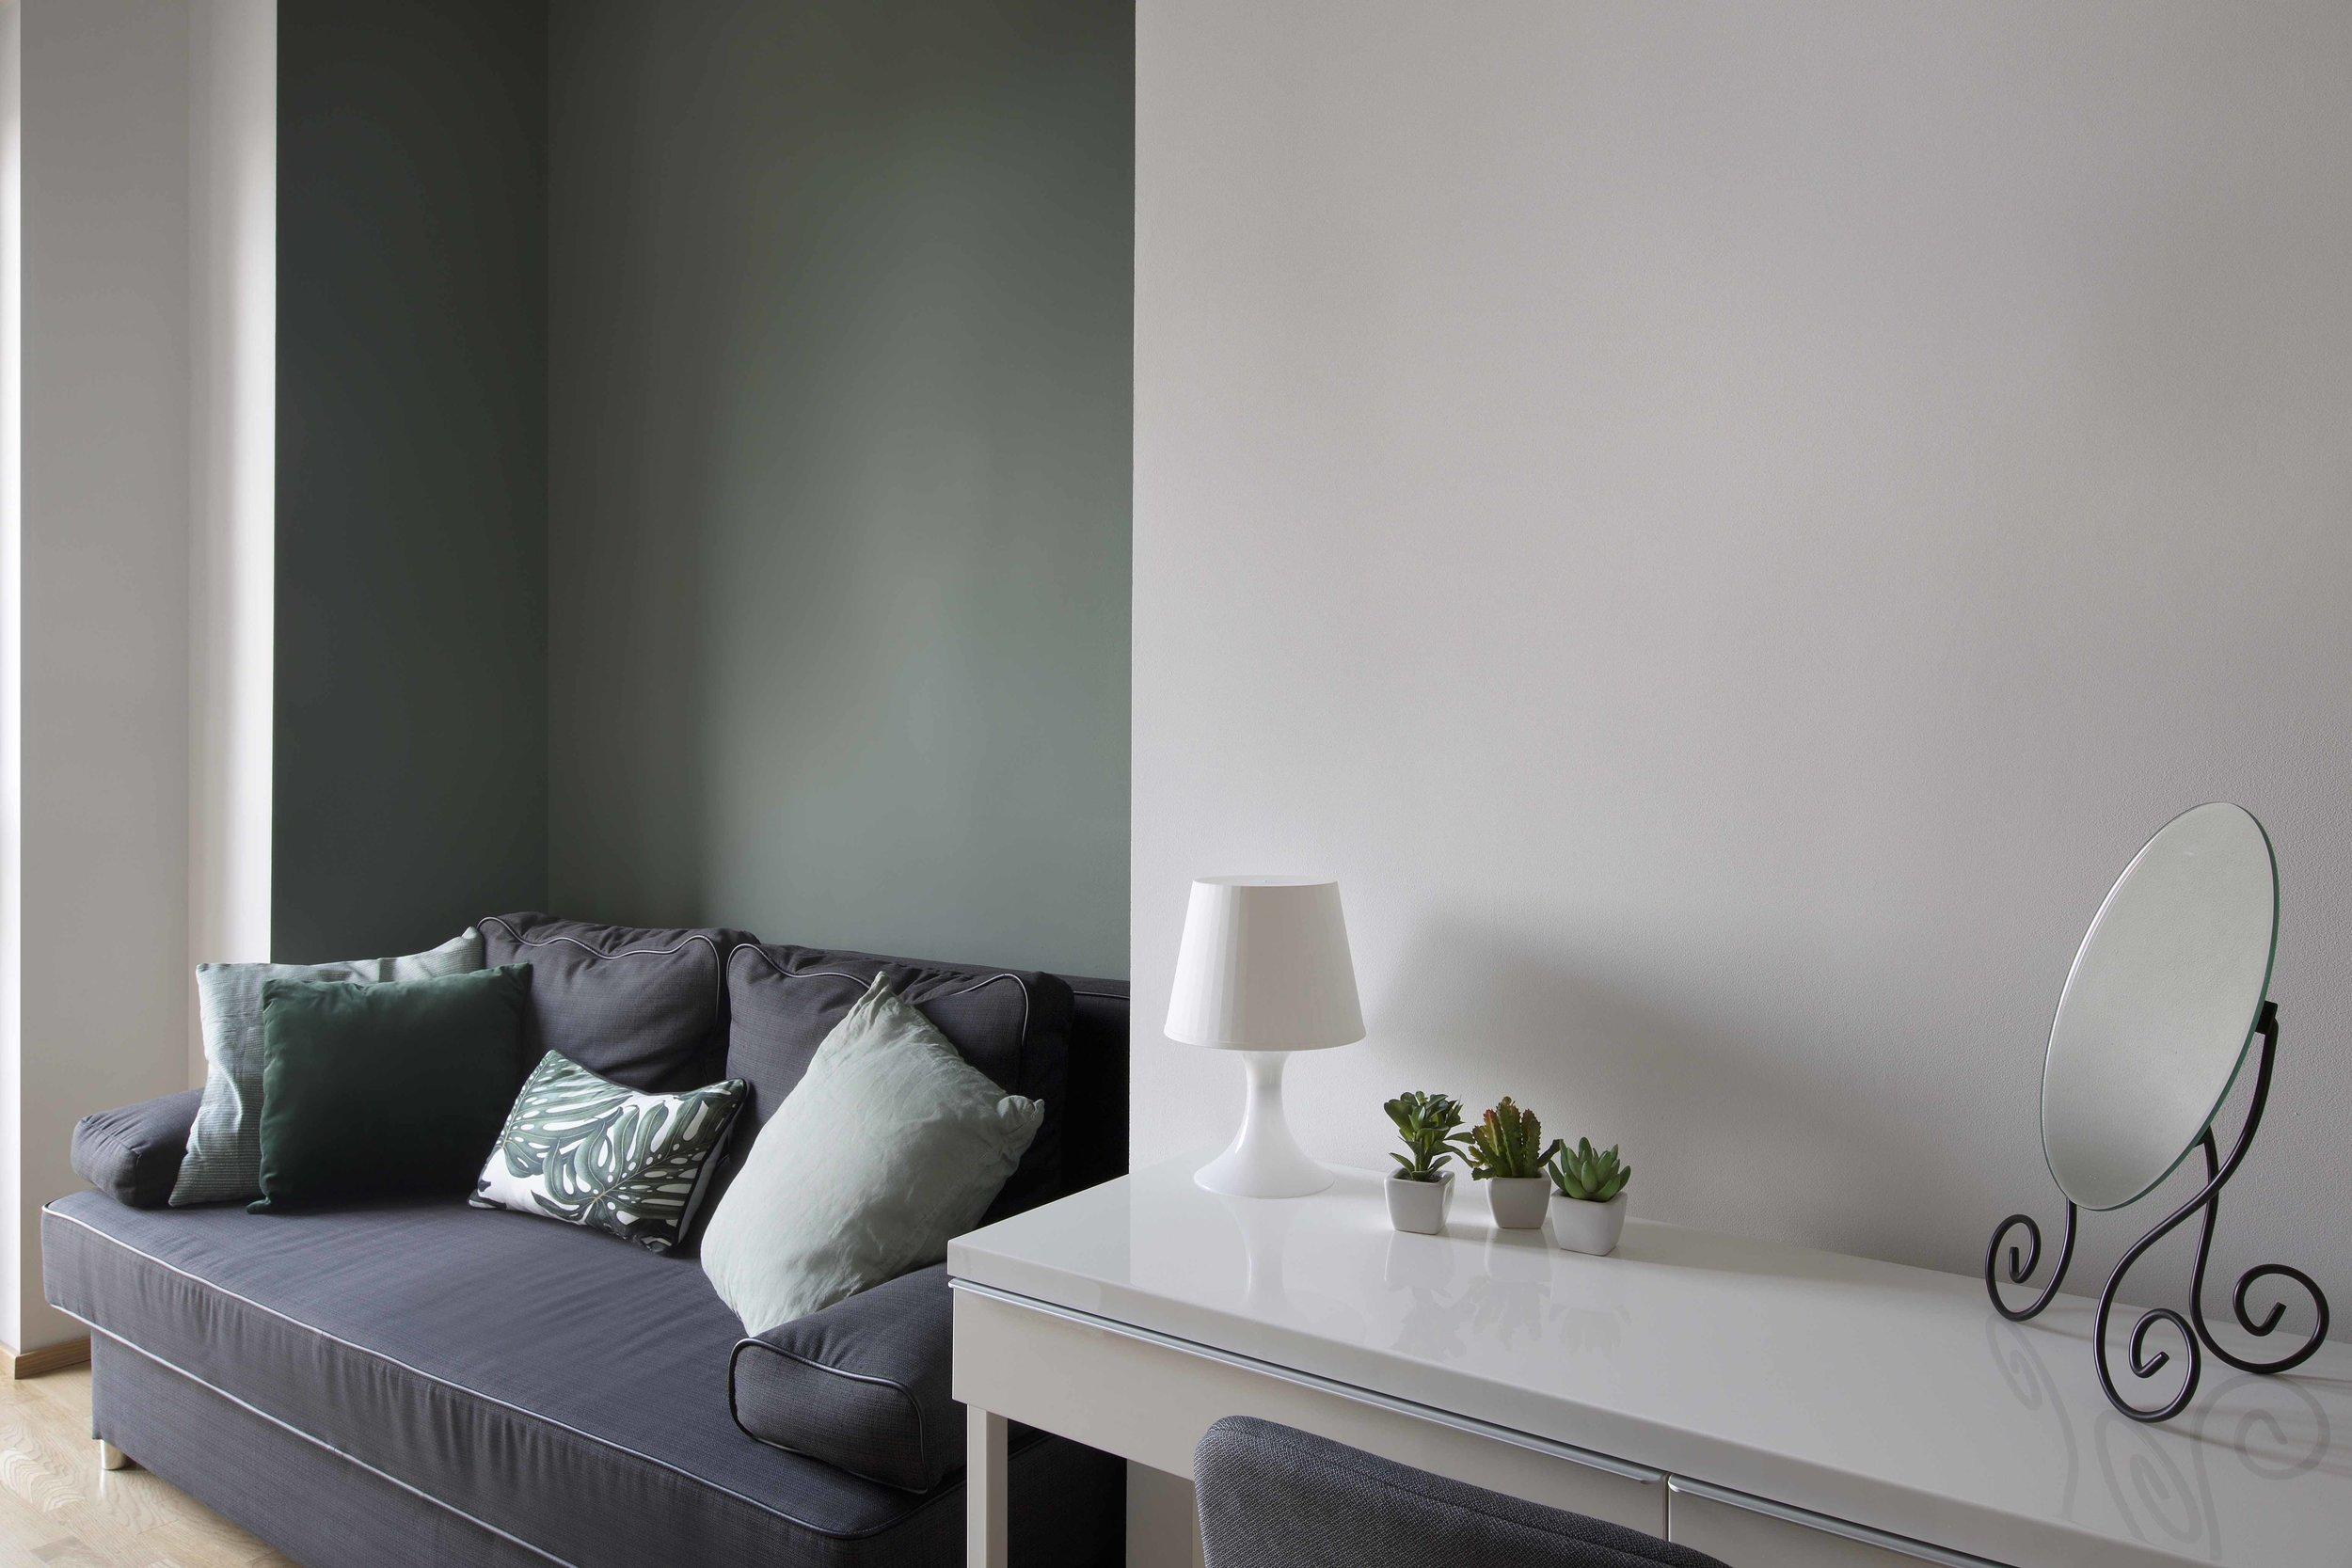 Planbuy-nicchia con divano